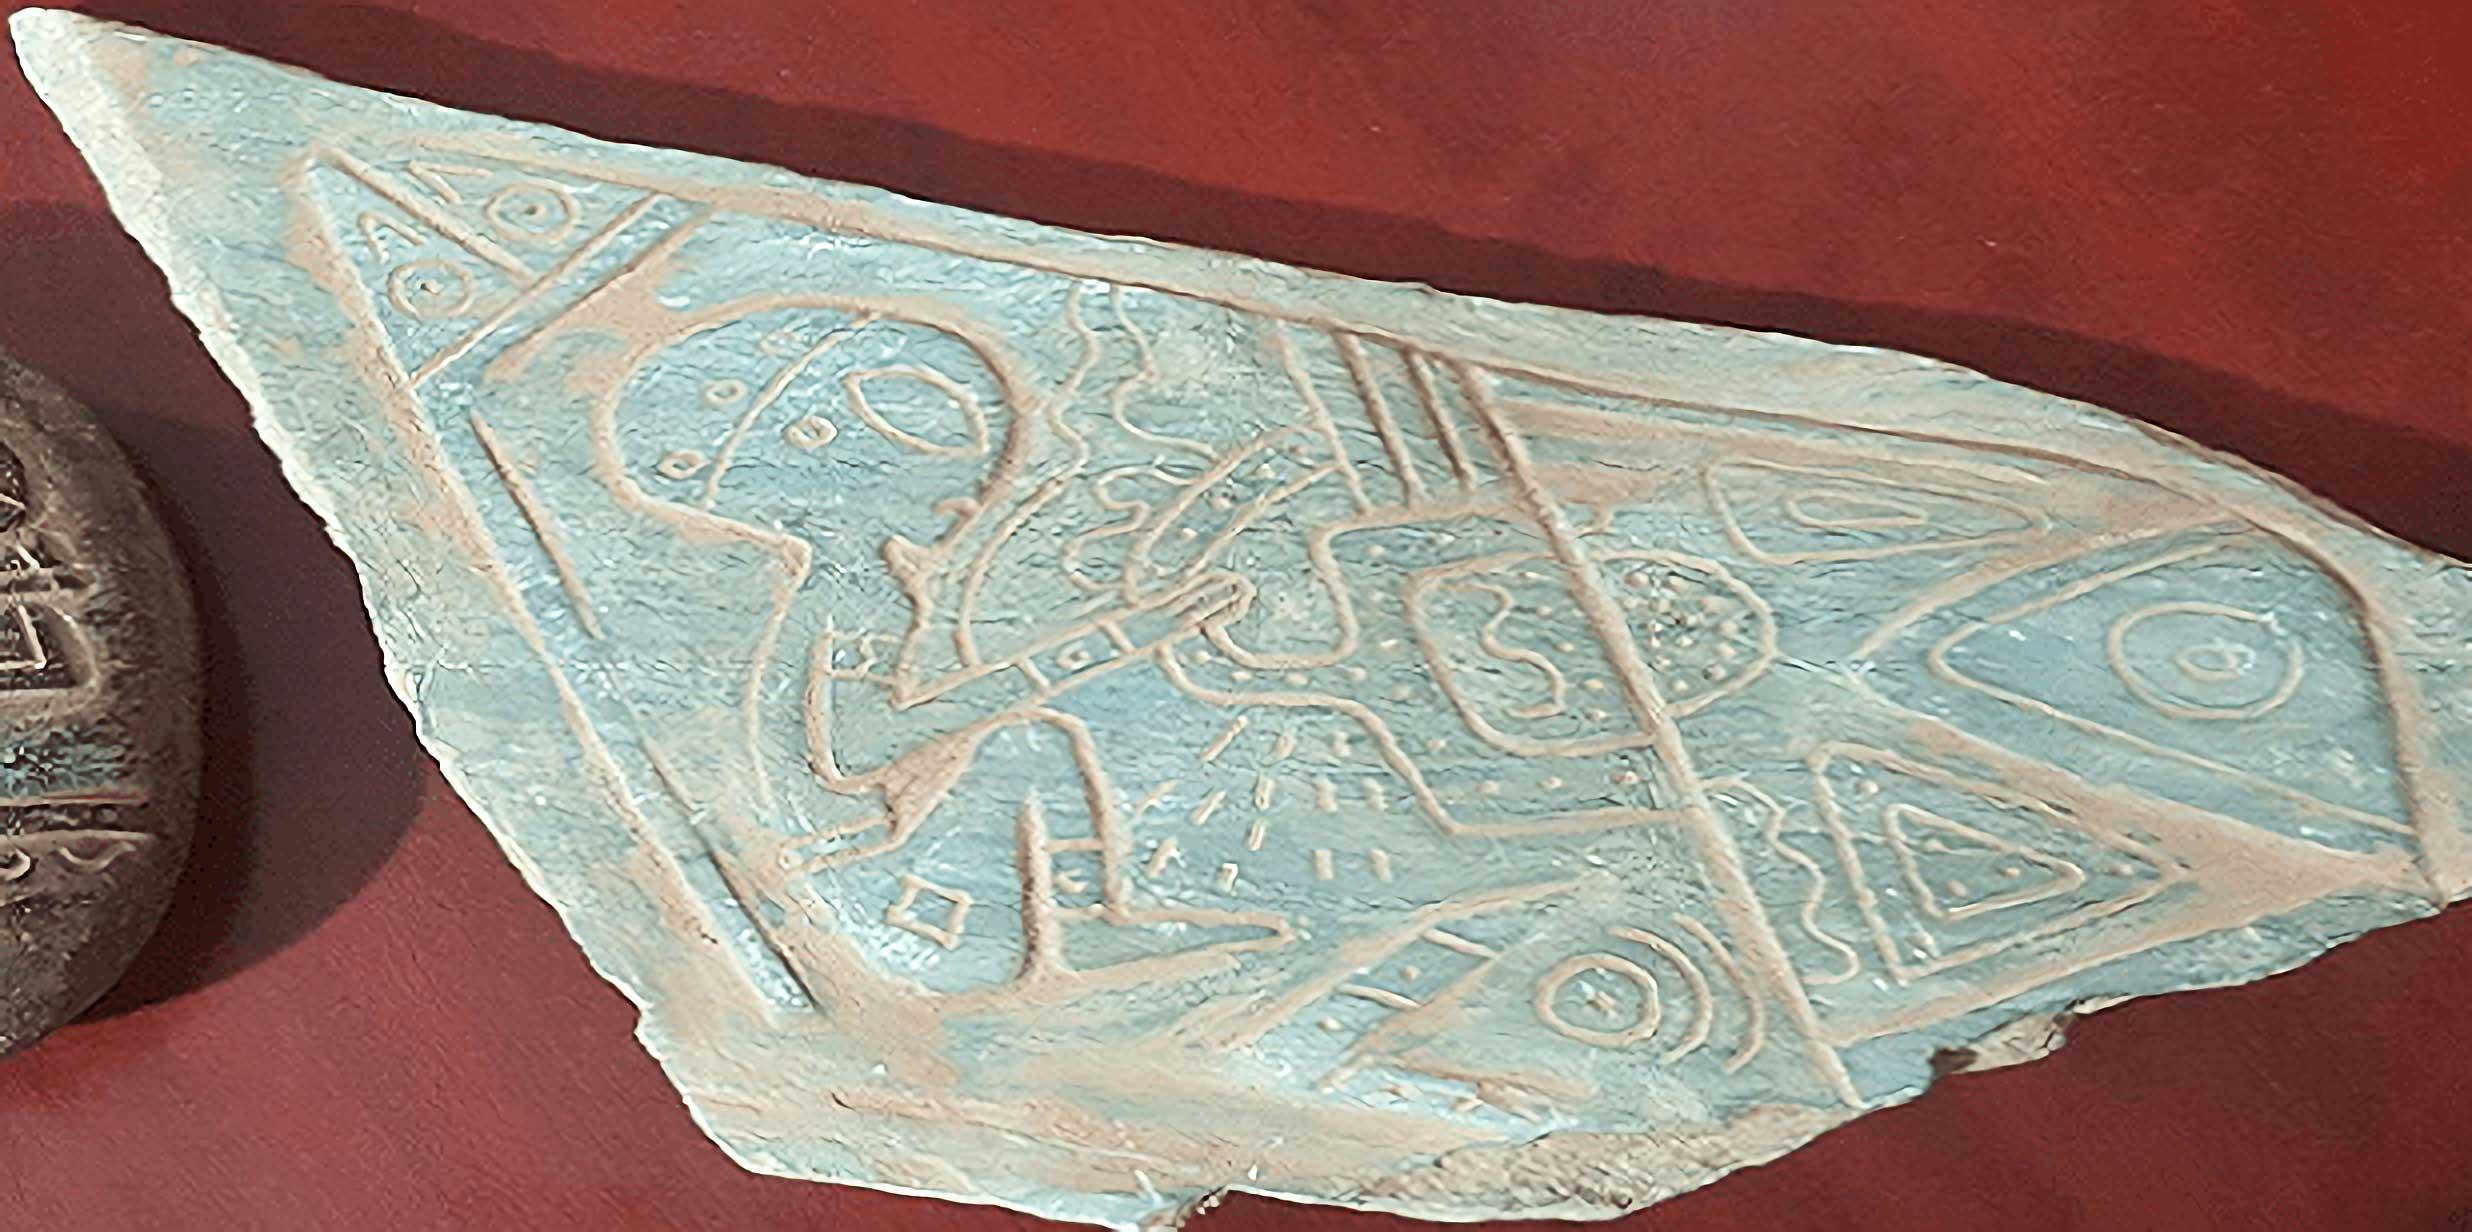 Las Piedras del Primer Encuentro: Los objetos que podrían mostrarnos una antigua civilización alienígena en nuestro planeta